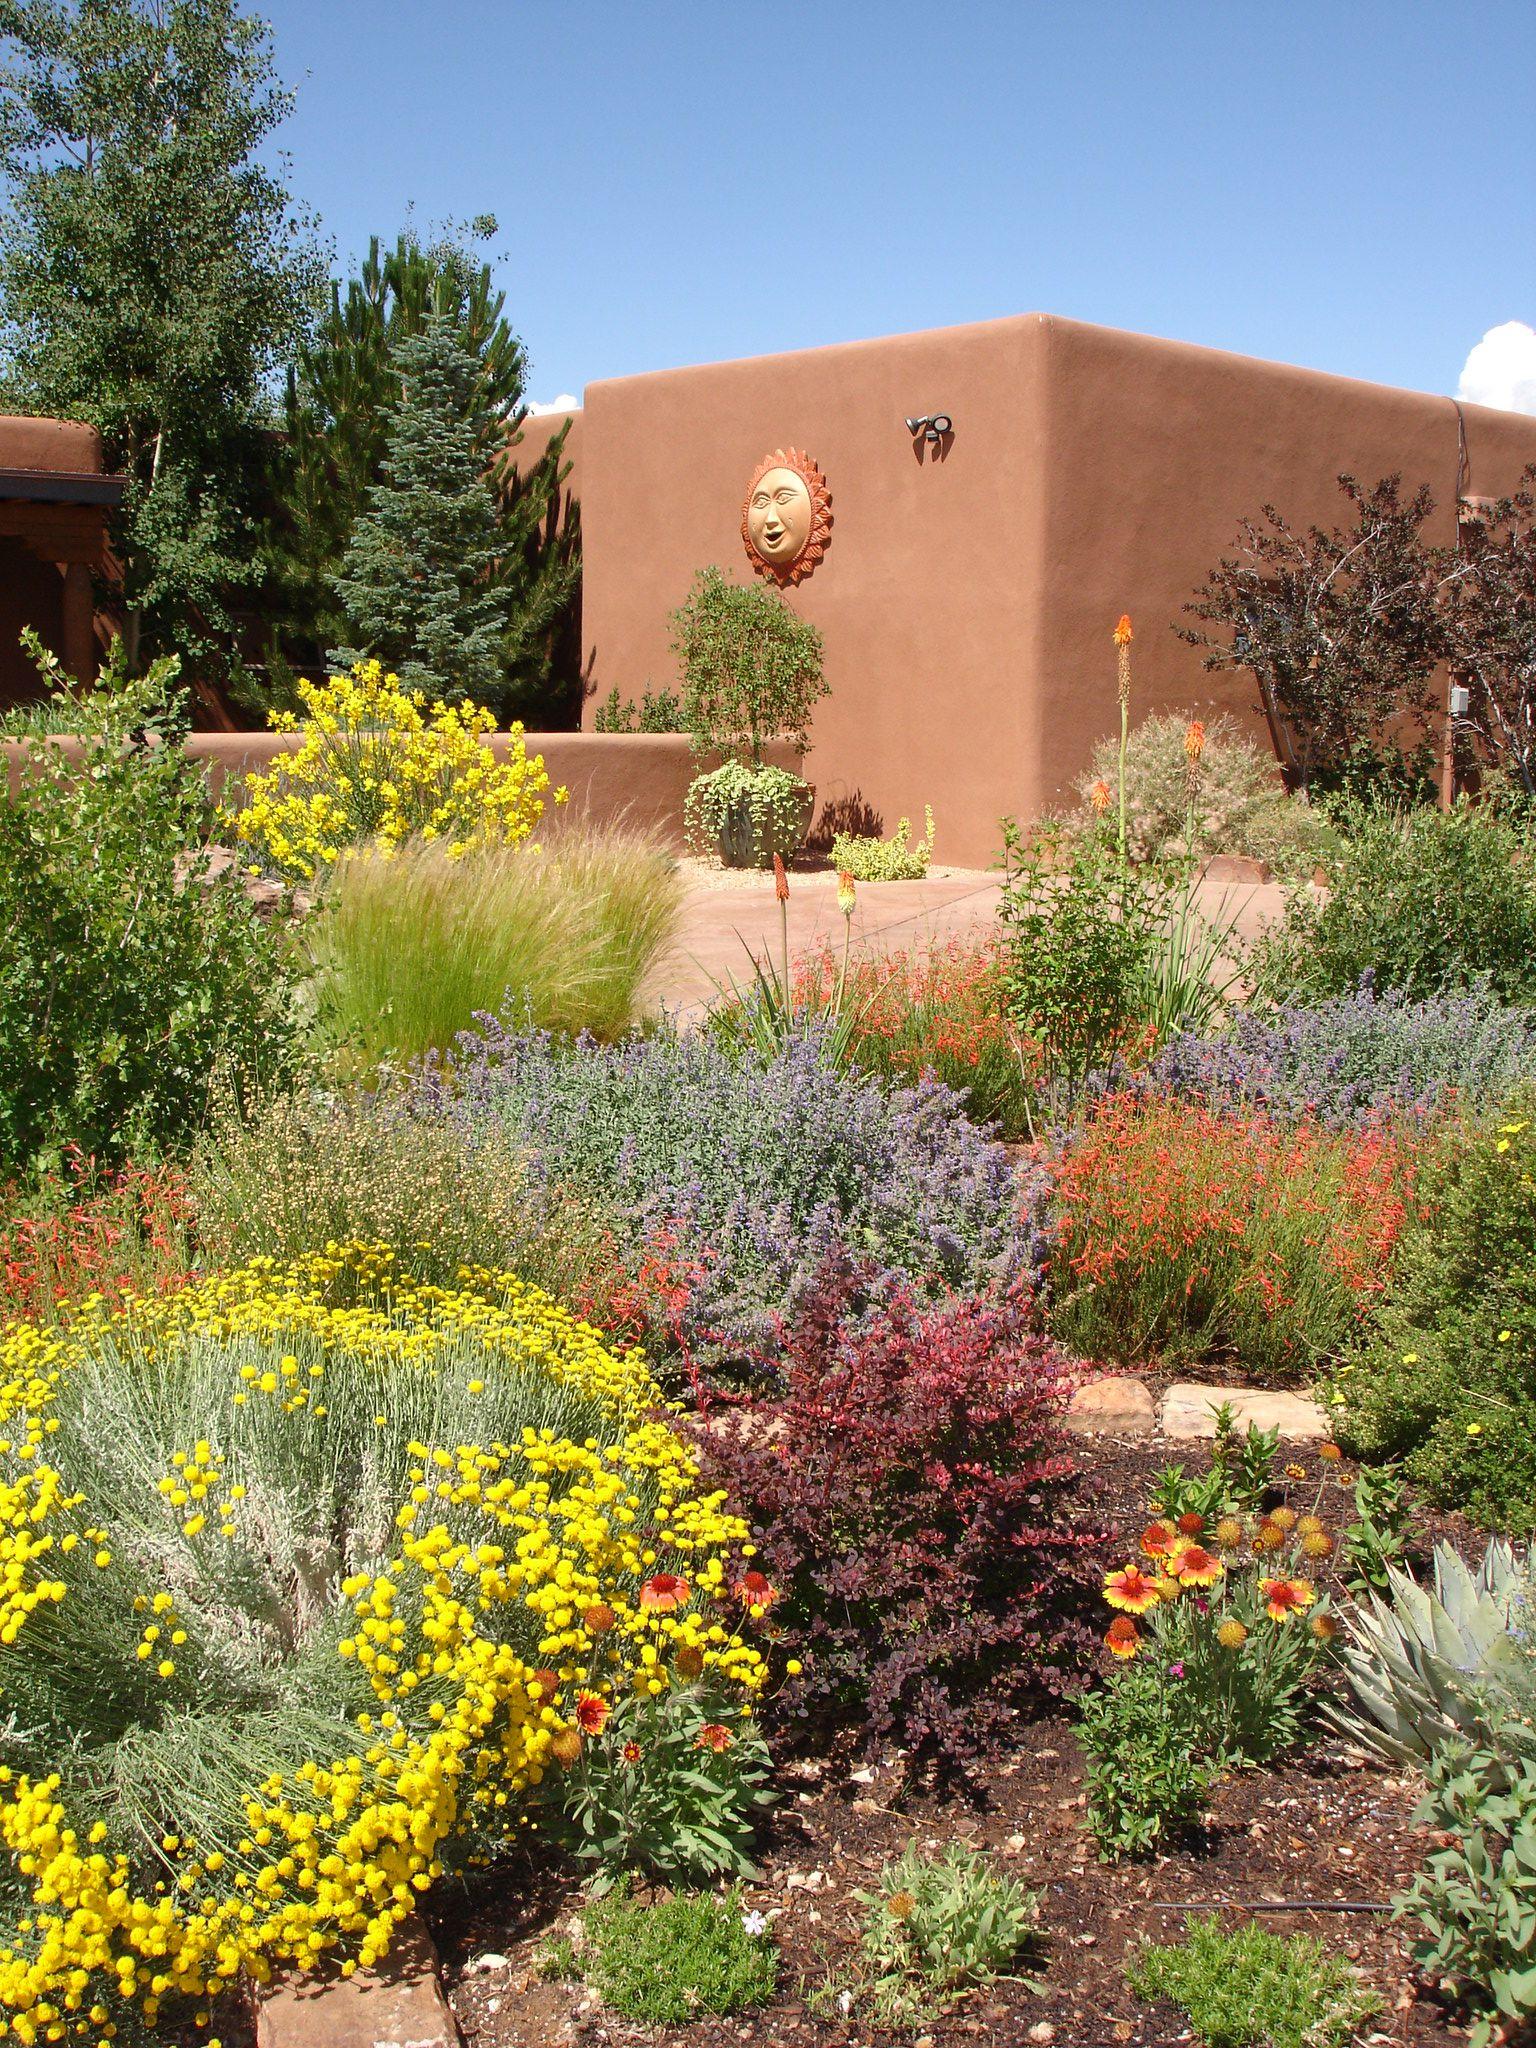 desert garden. love colorful